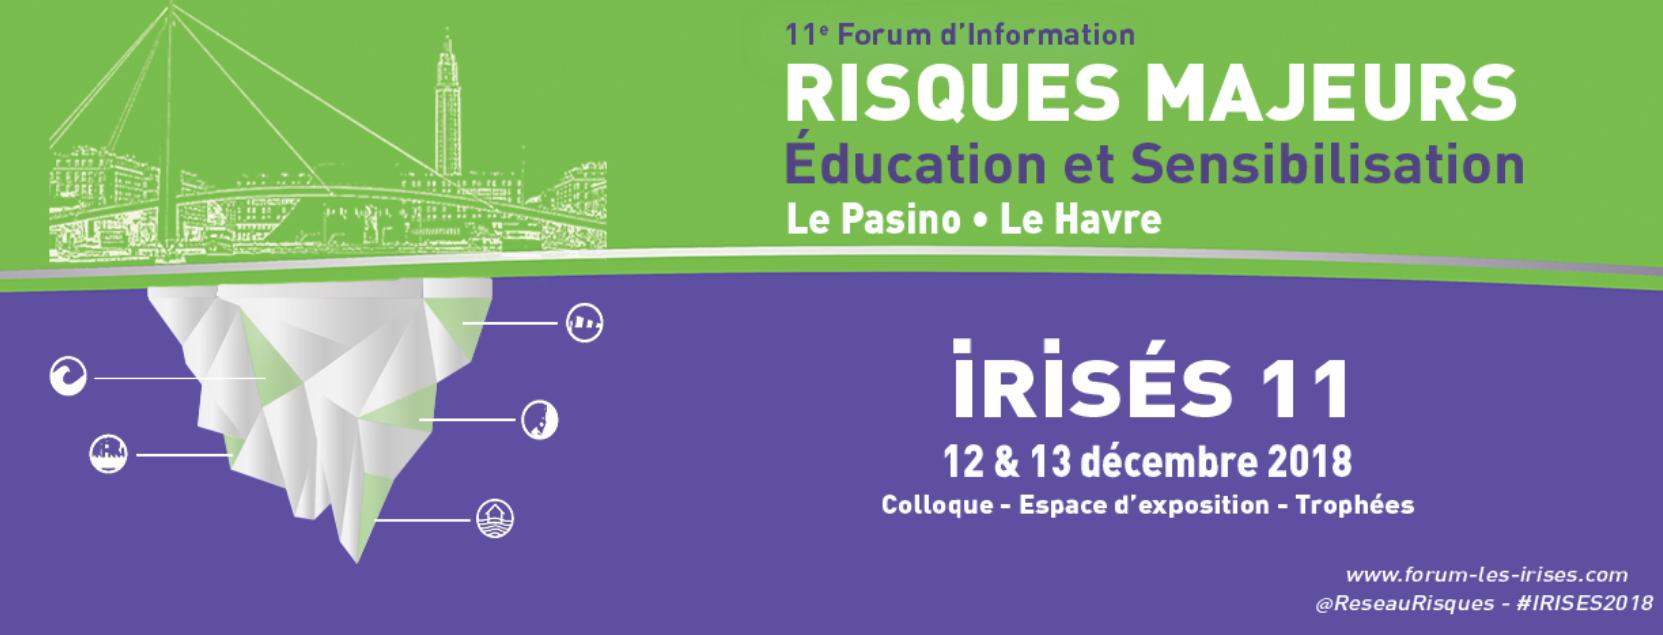 11ème Edition Forum IRISES